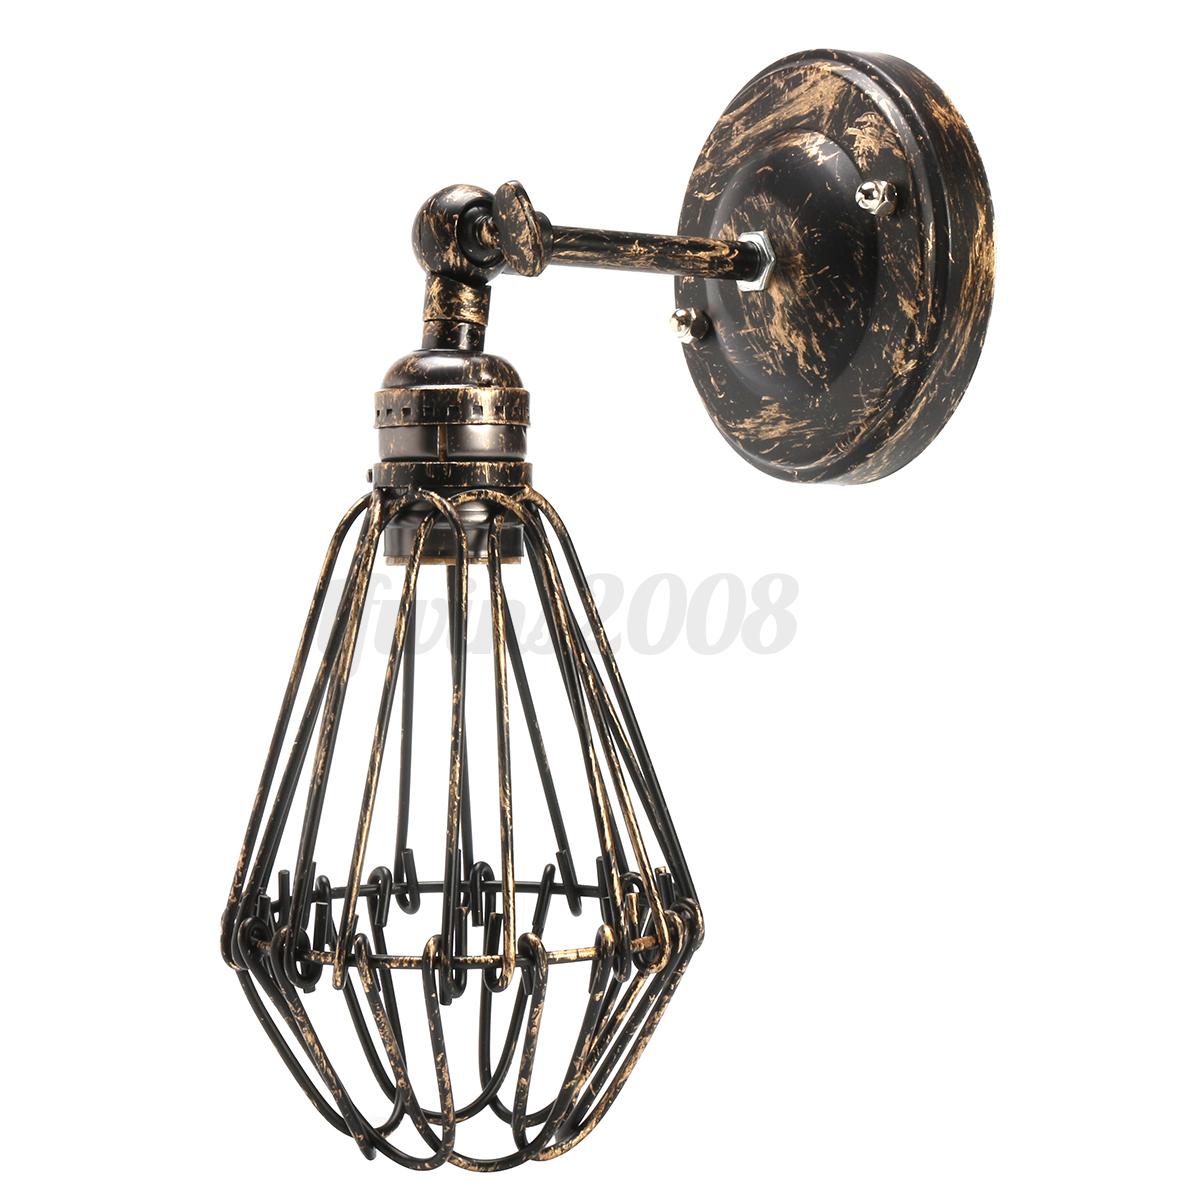 Vintage retro industrial wandleuchte antik stil eisen kunst wandlampe leuchte ebay - Wandlampe vintage retro ...